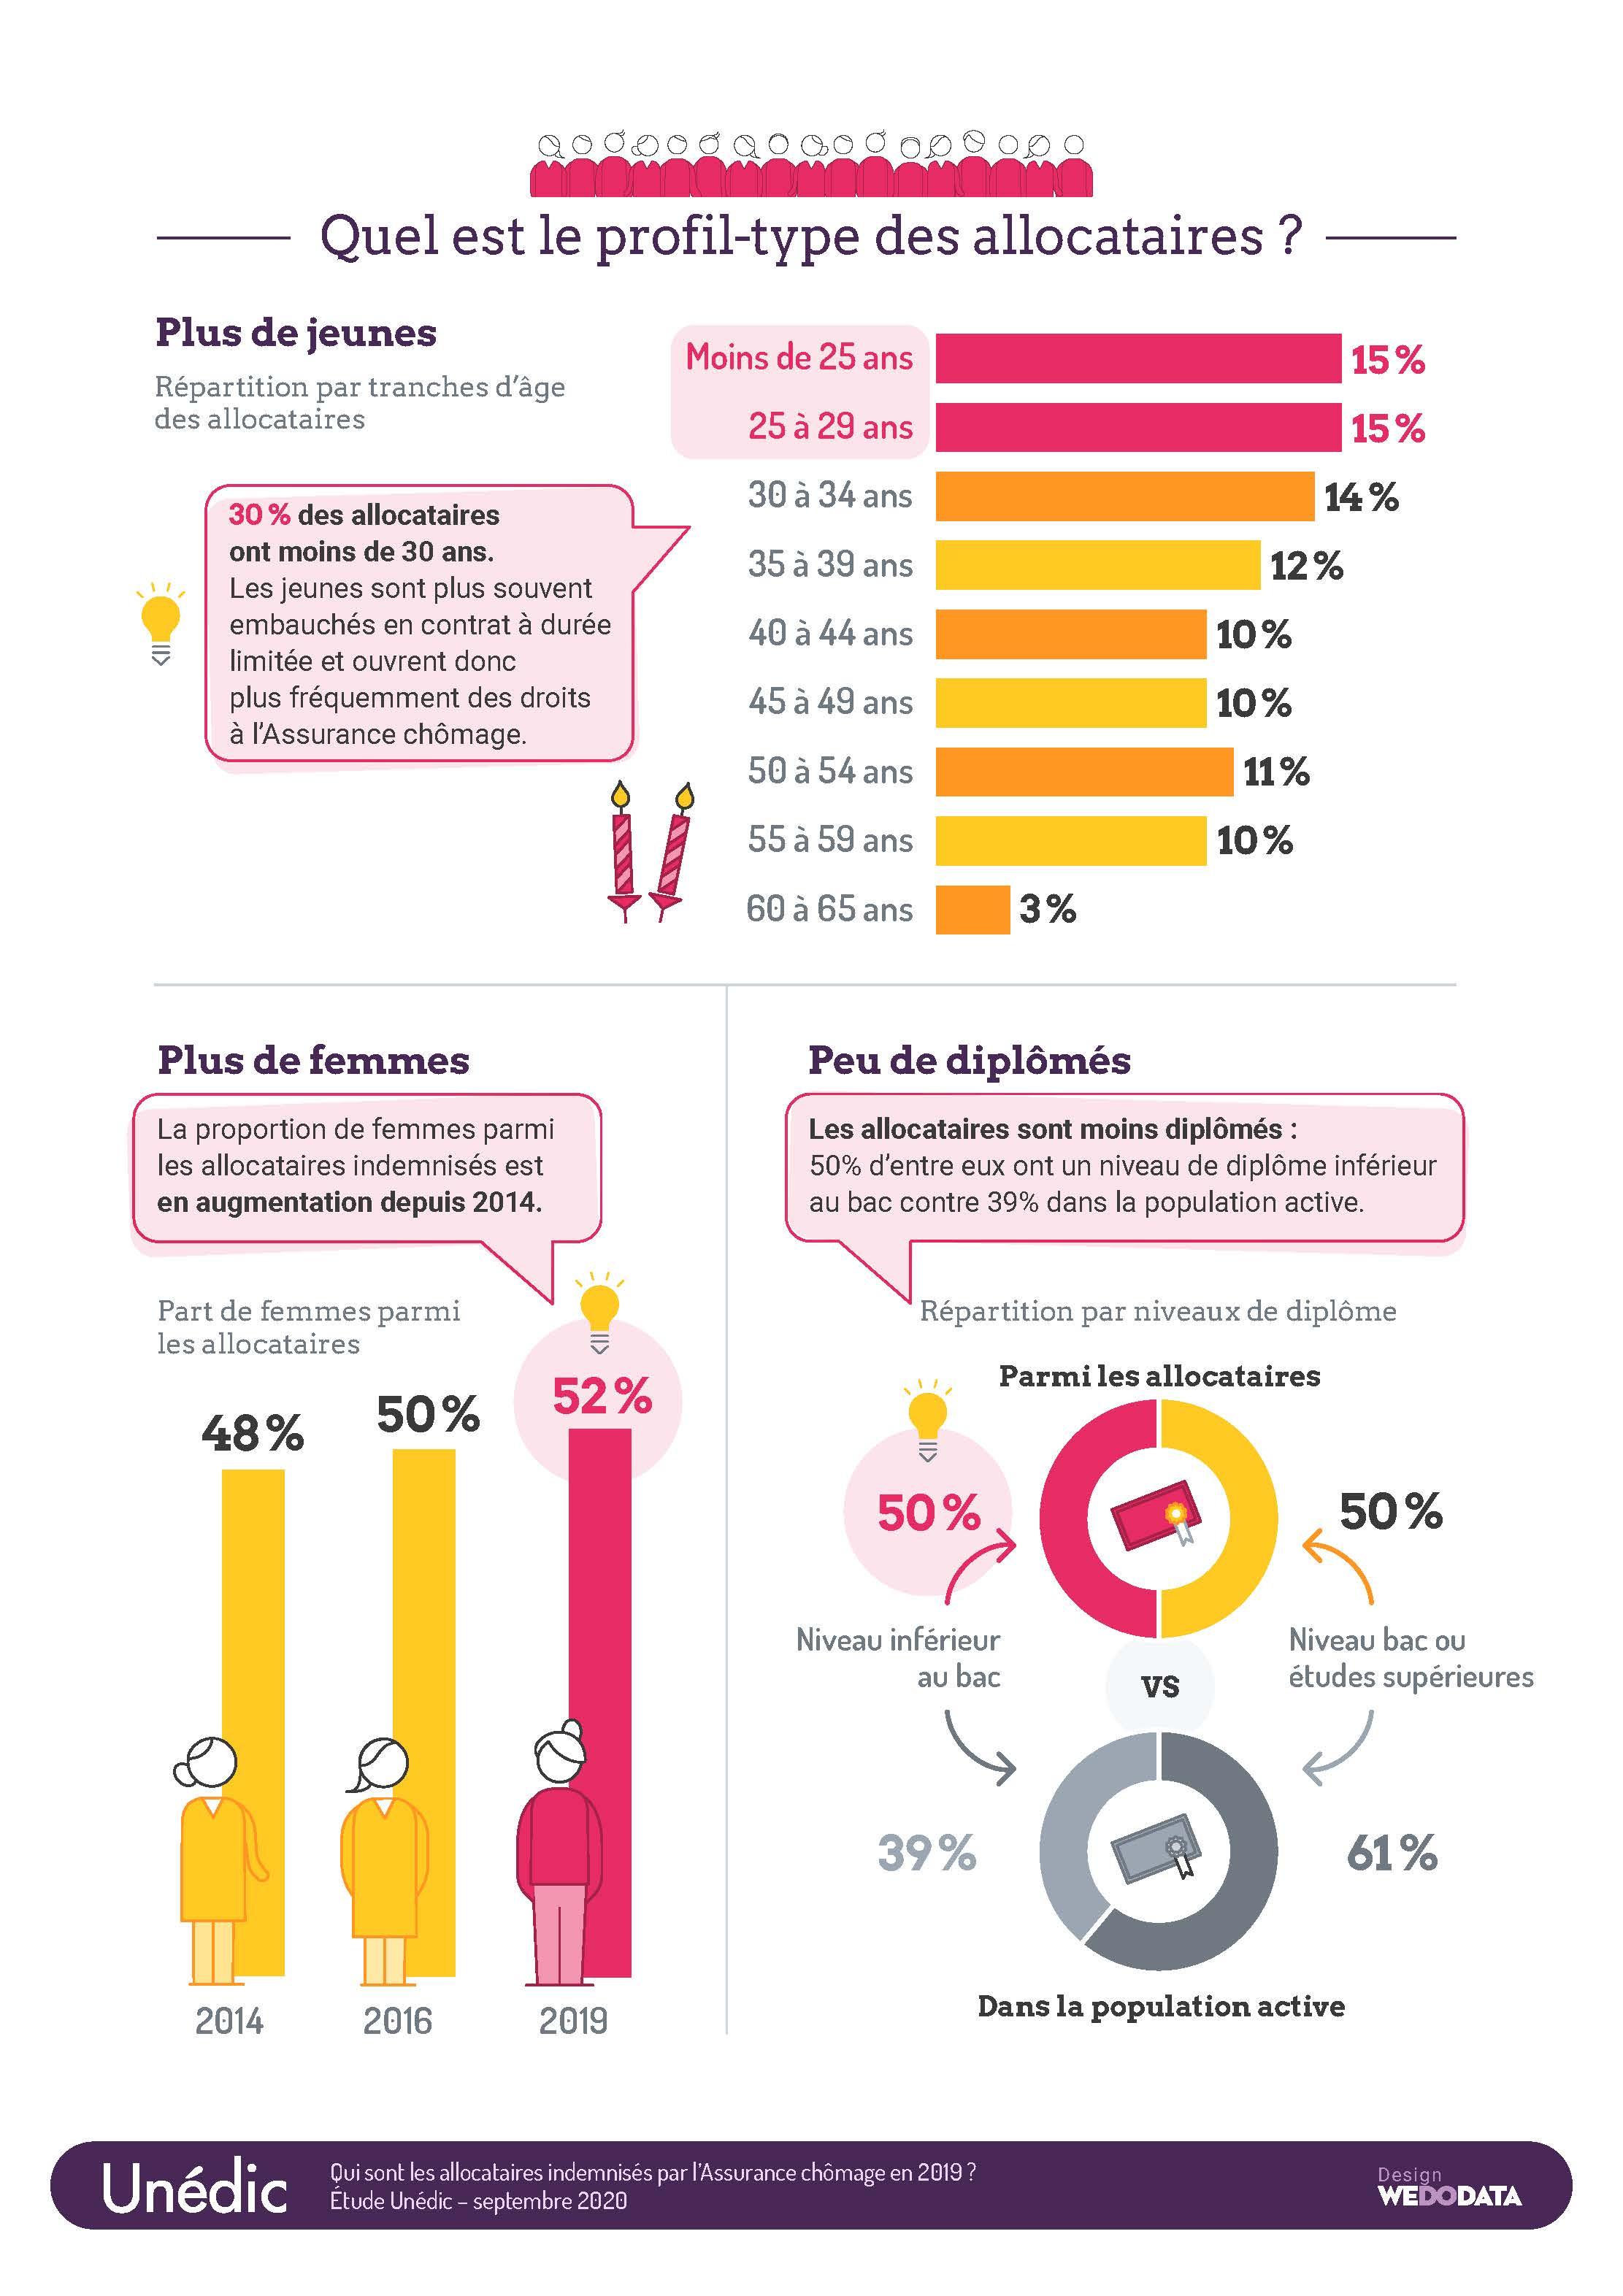 Infographie UNEDIC profil rémunération des demandeurs d'emplois en formation pole emploi